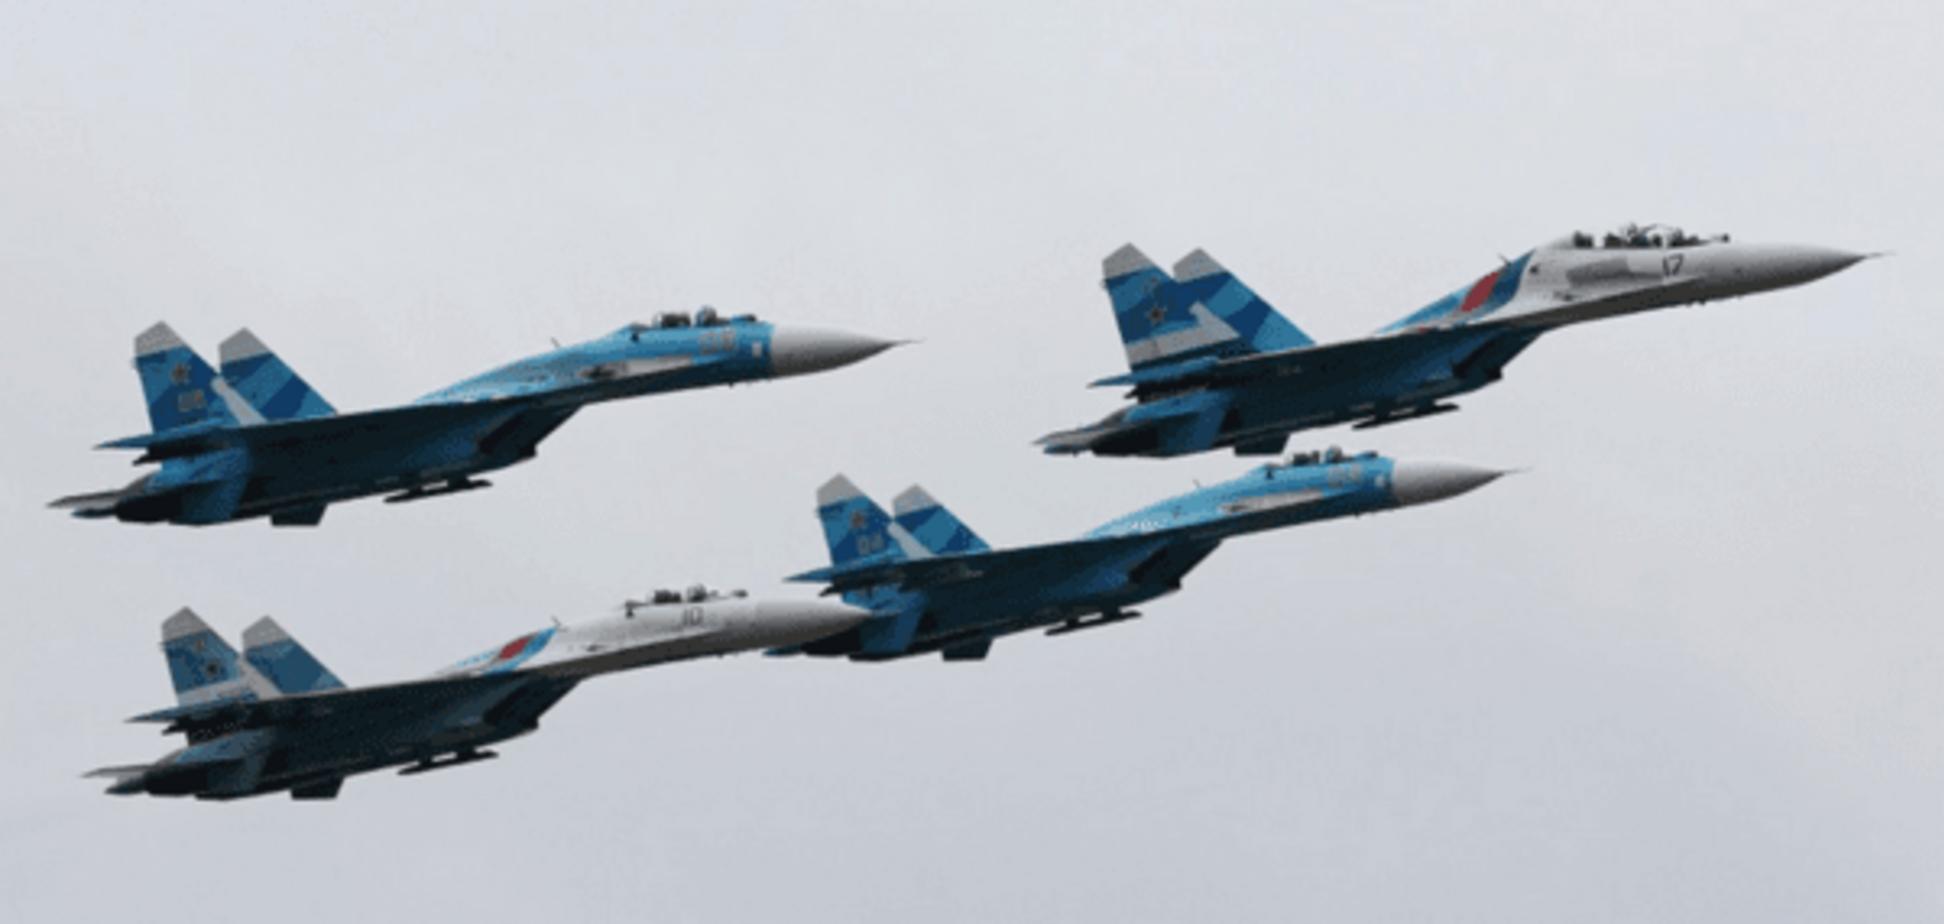 Над Луганском зафиксировали российские истребители - Булатов